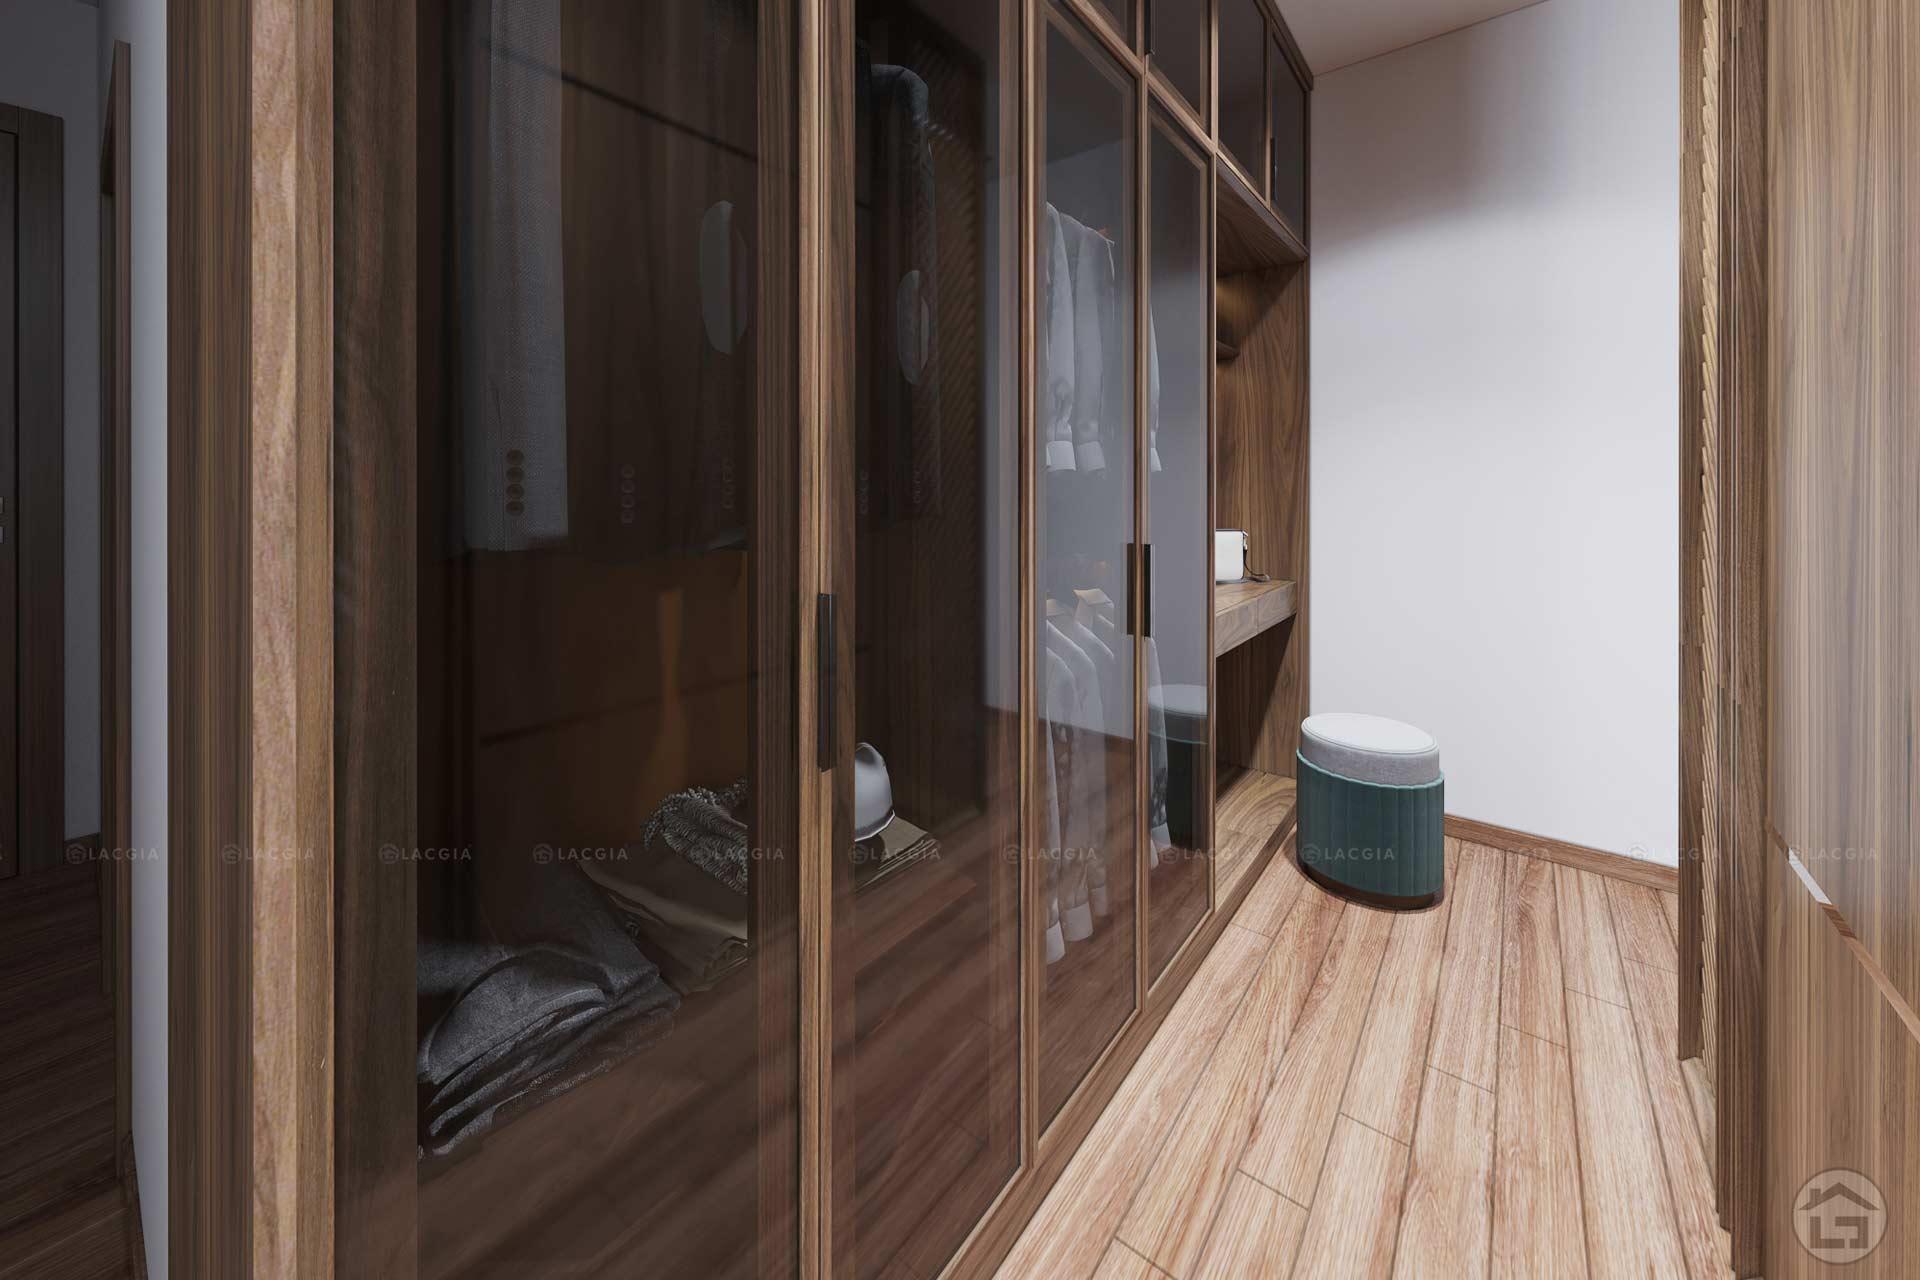 Sàn nhà gỗ làm bằng chất liệu Plywood